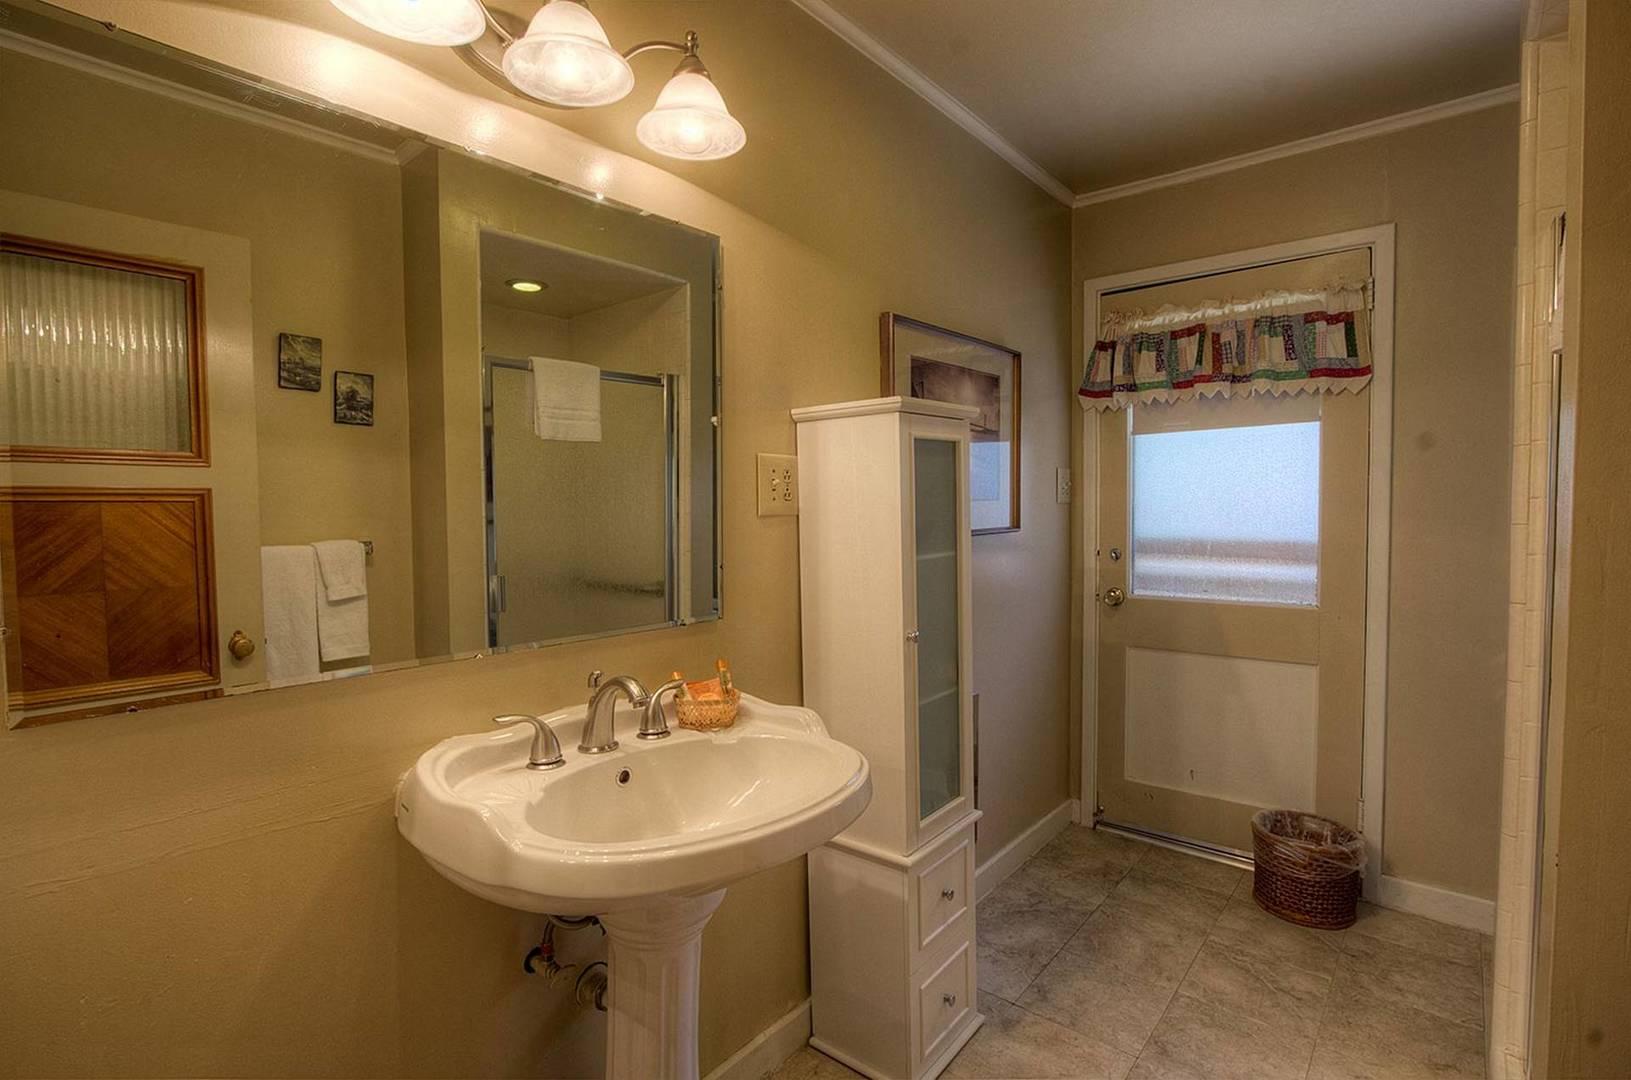 cyh1001 bathroom